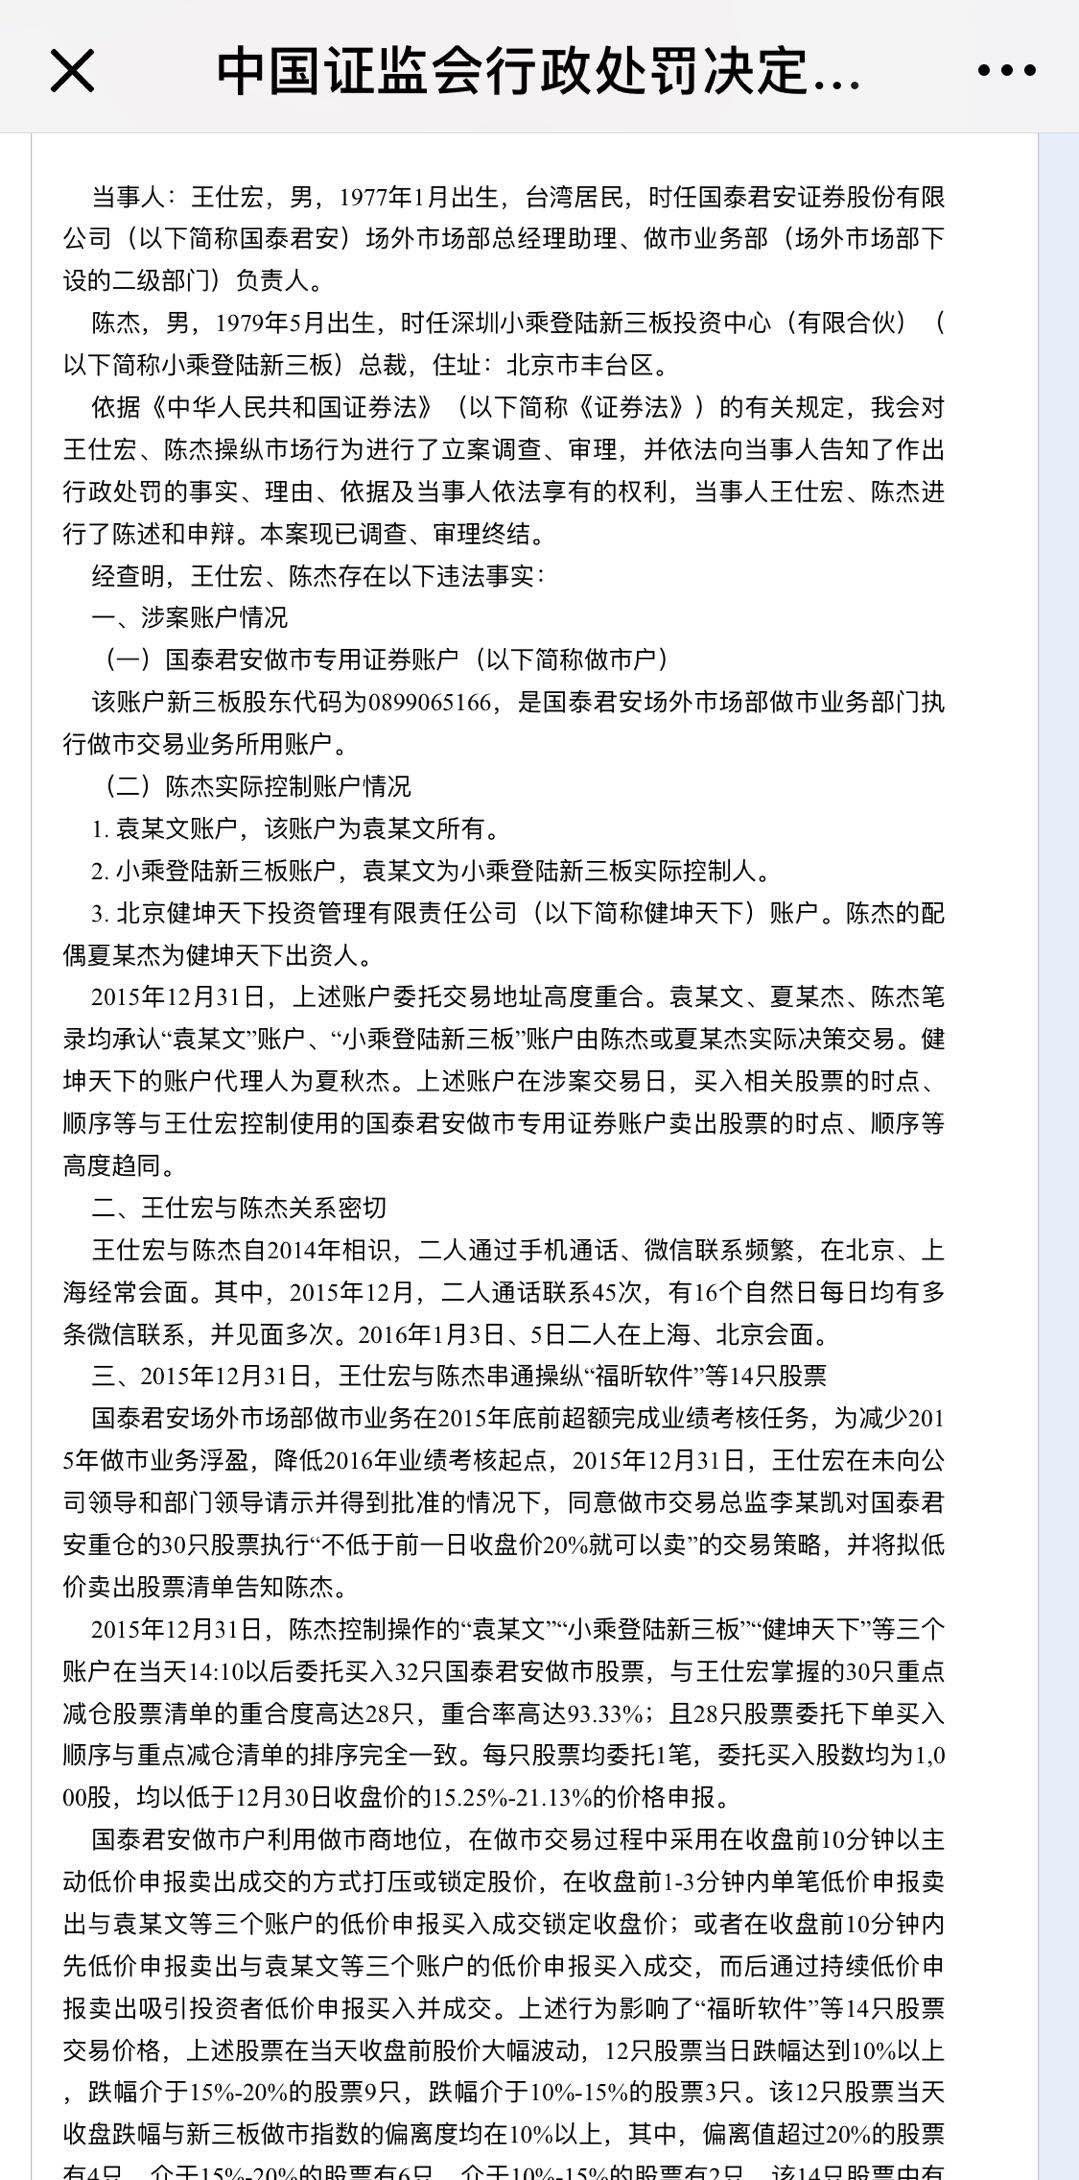 国泰君安负责人怕赚钱太多竟砸盘14只股票 被罚100万